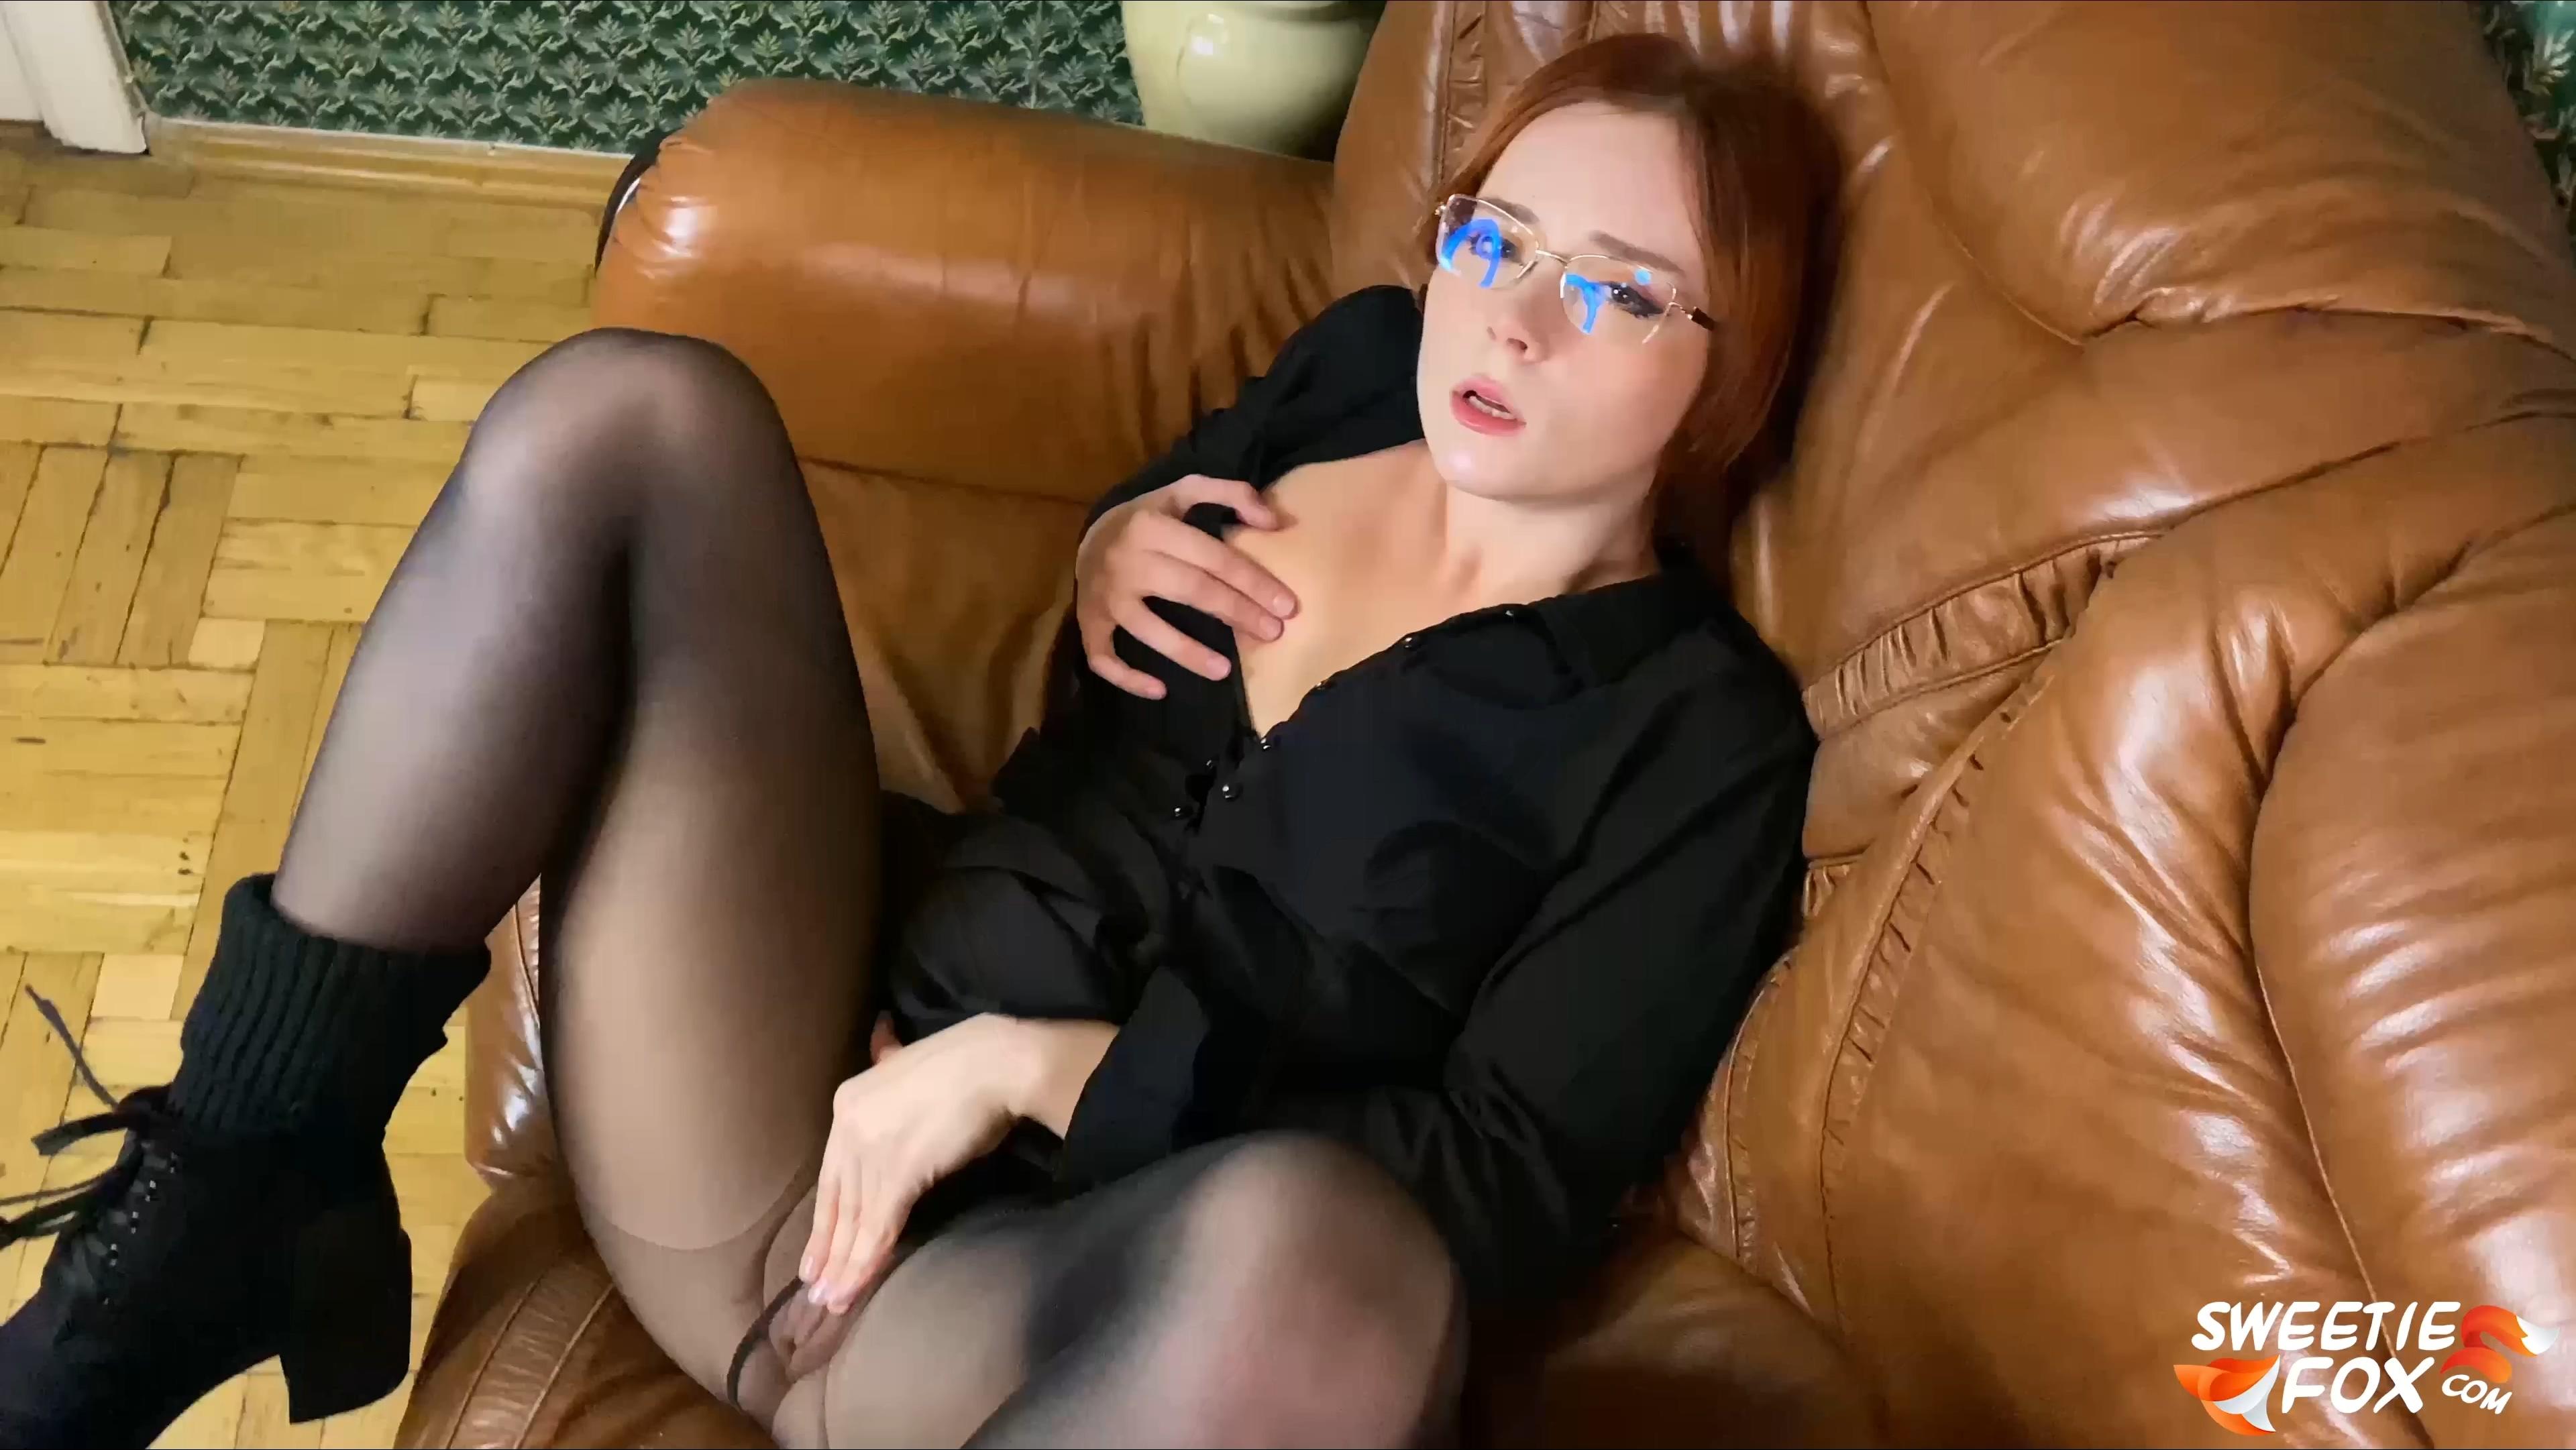 136 - Teacher Deepthroat Student Dick & Sex.mp4_20201221_140449.520.jpg